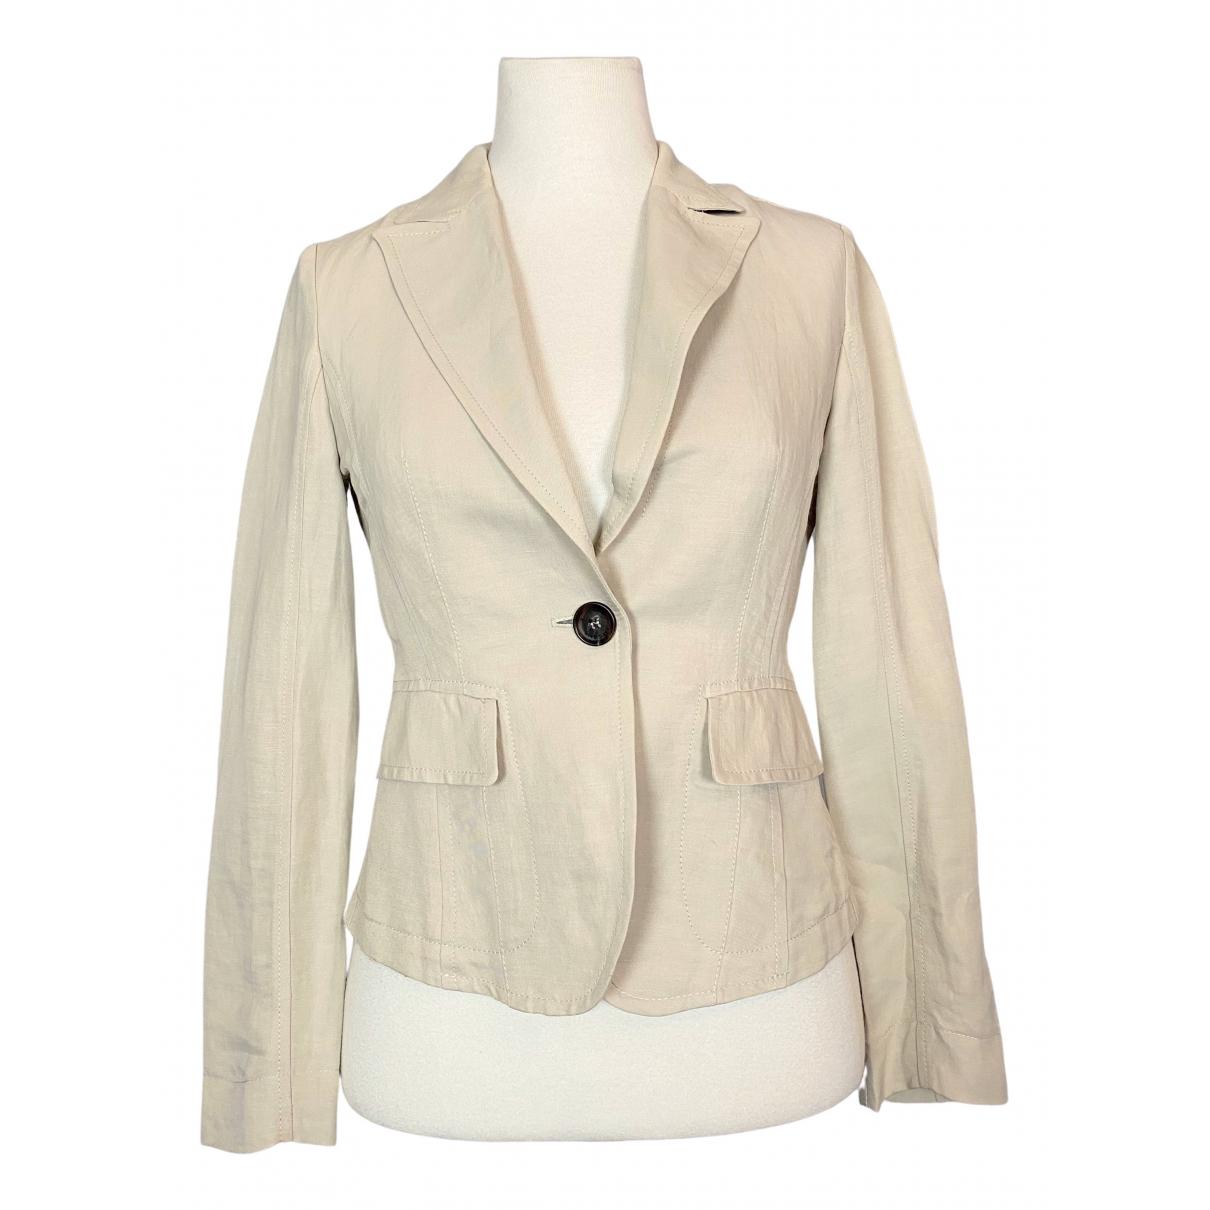 Marc Cain \N Beige Linen jacket for Women 2 0-5